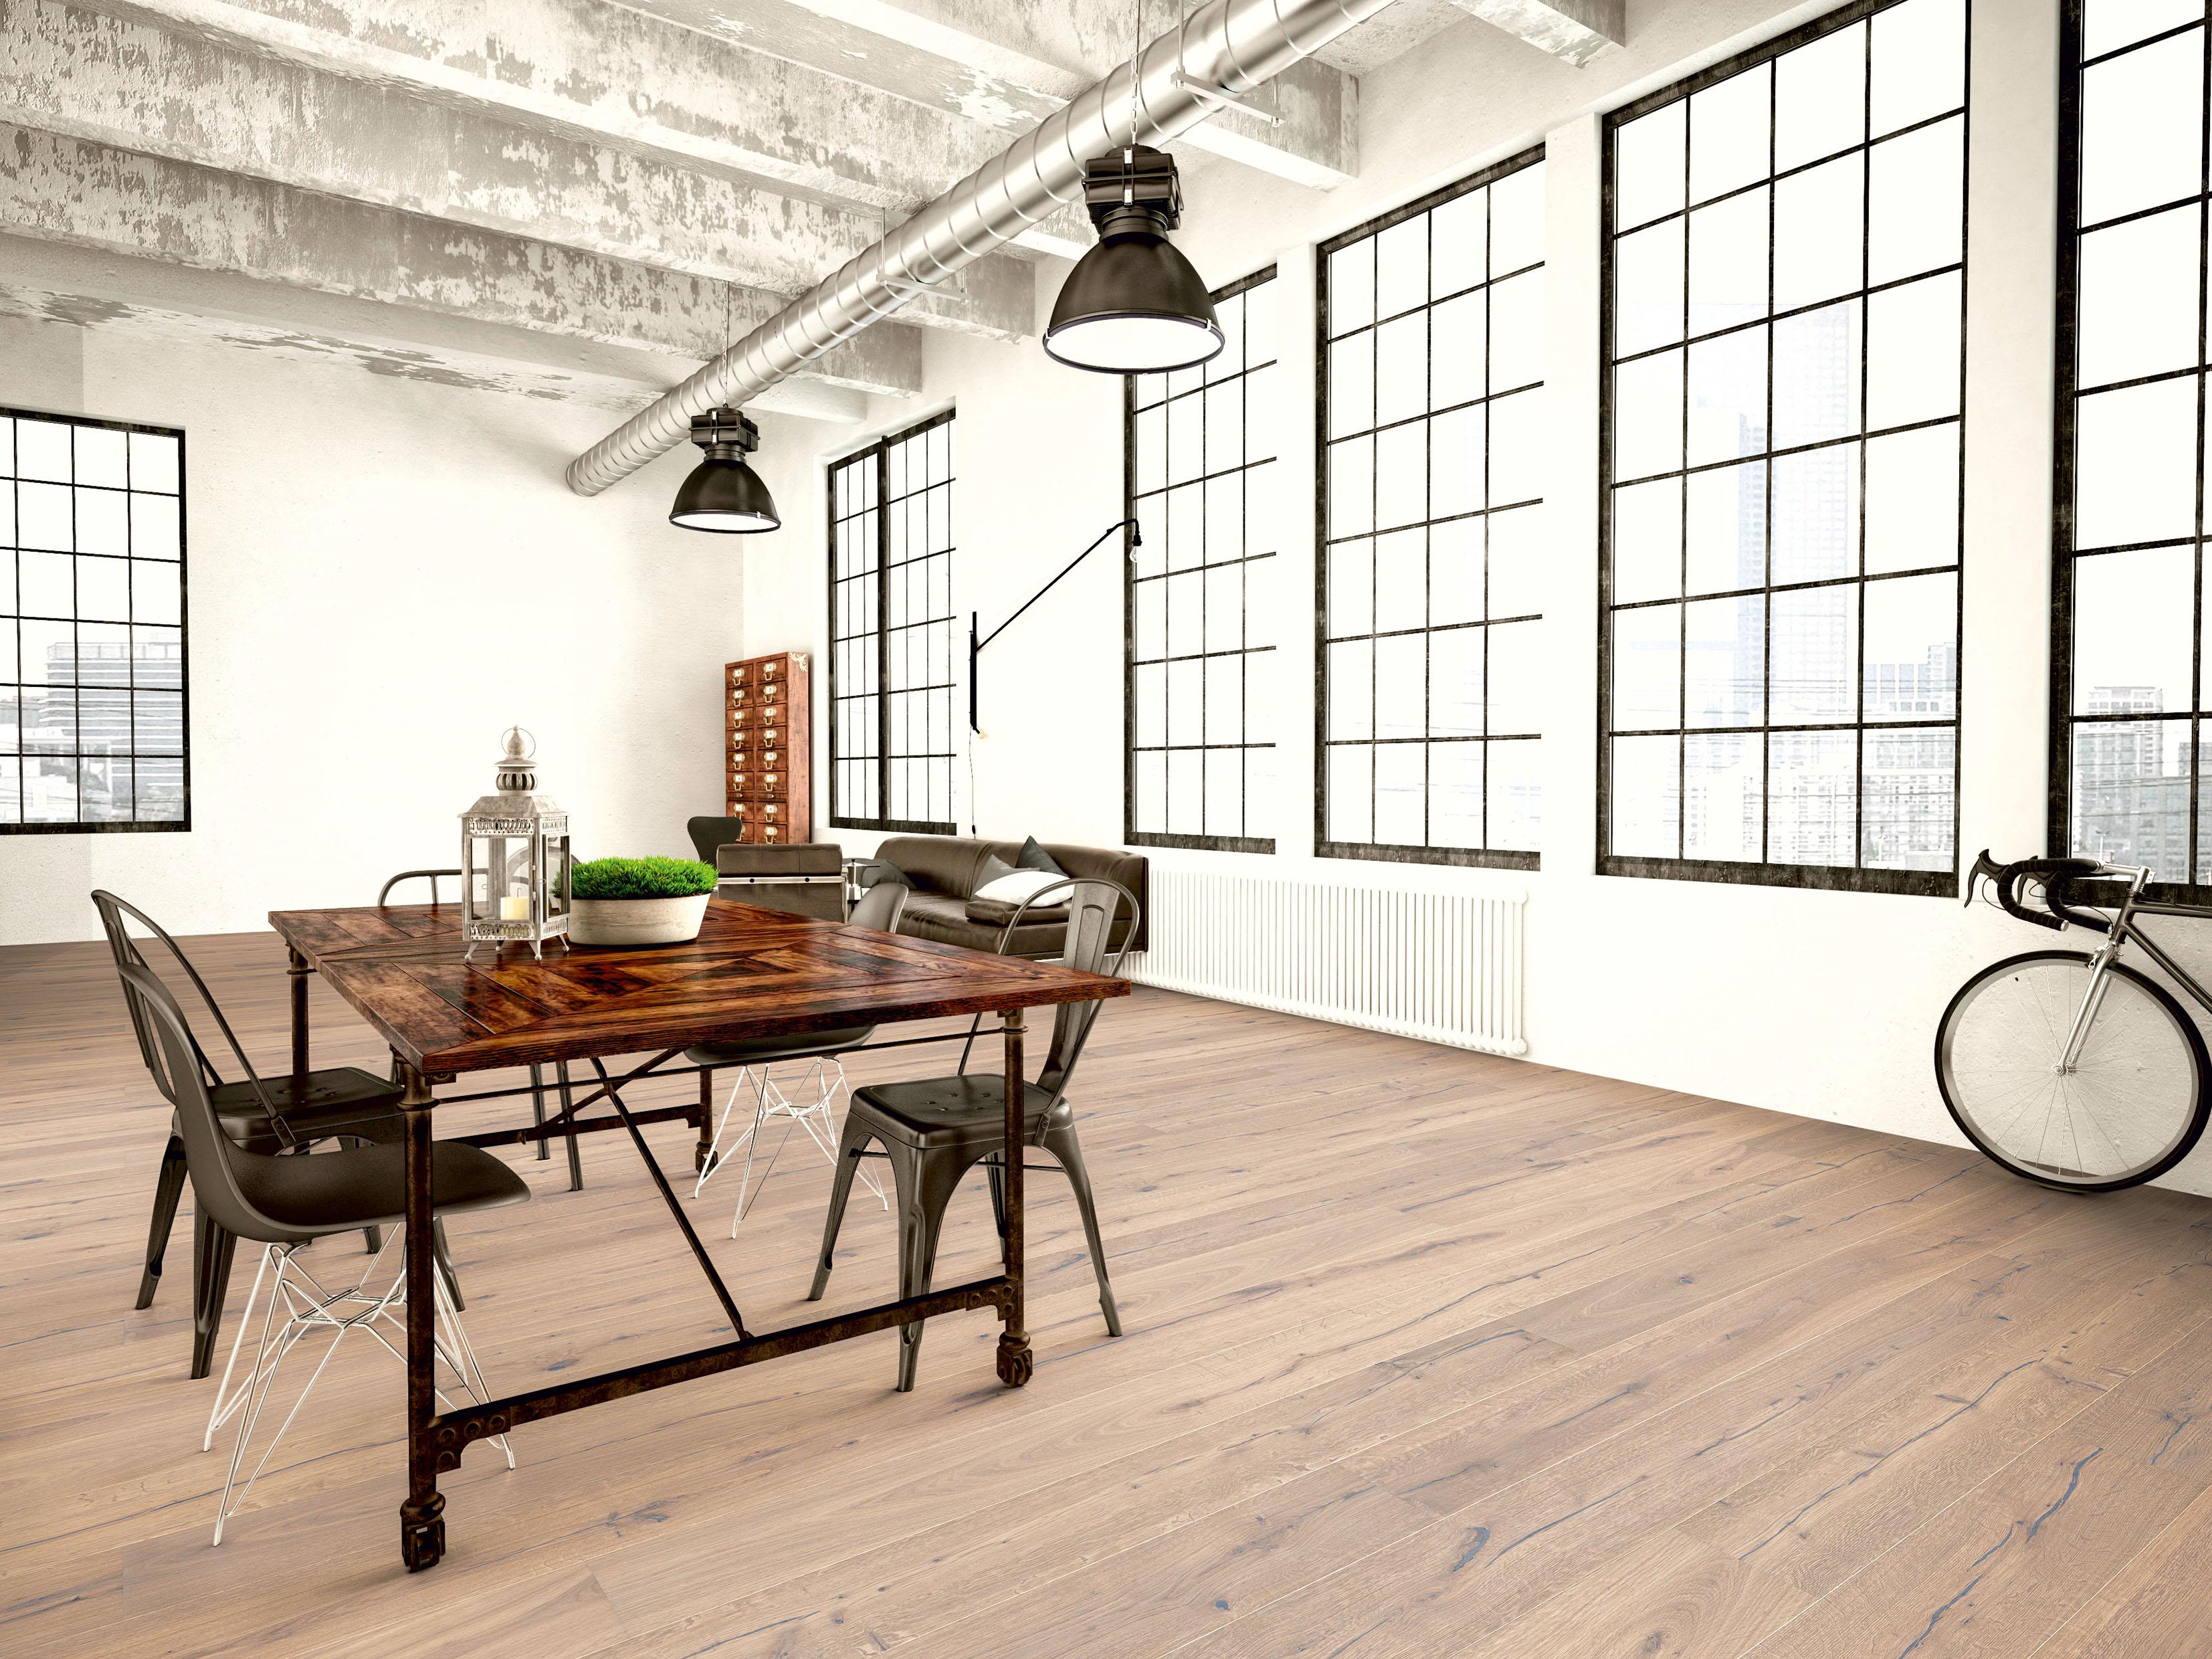 Parkett Ist Ein Zeitloser Bodenbelag Von Höchster Qualität. Die Investition  In Einen Echtholzboden Steigert Den Wert Des Hauses Oder Der Wohnung  Dauerhaft.